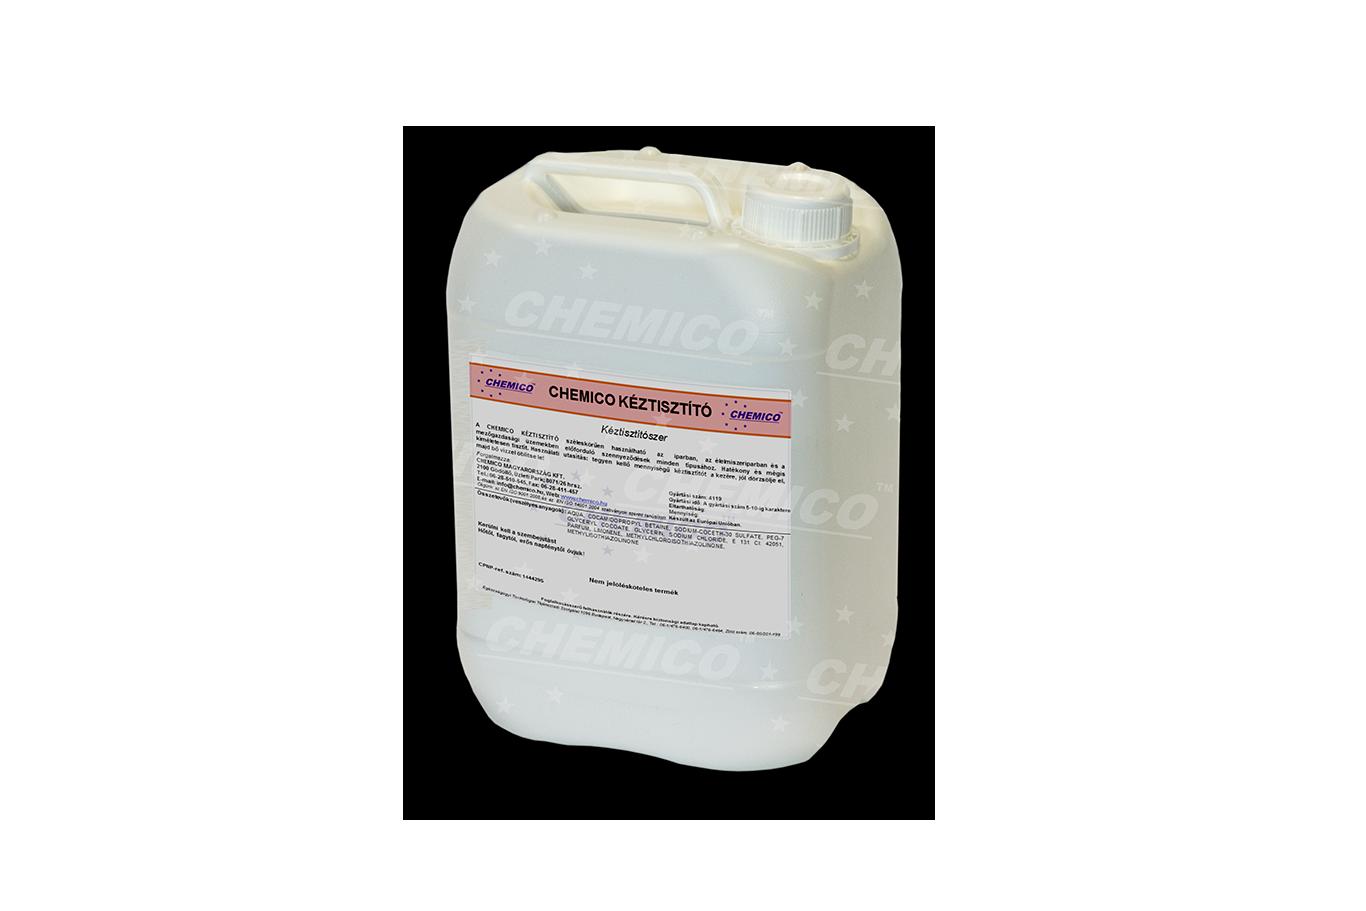 chemico-keztisztito-folyekony-szappan-szennyezodes-oldo-keztisztito-ipari-chemico-5l